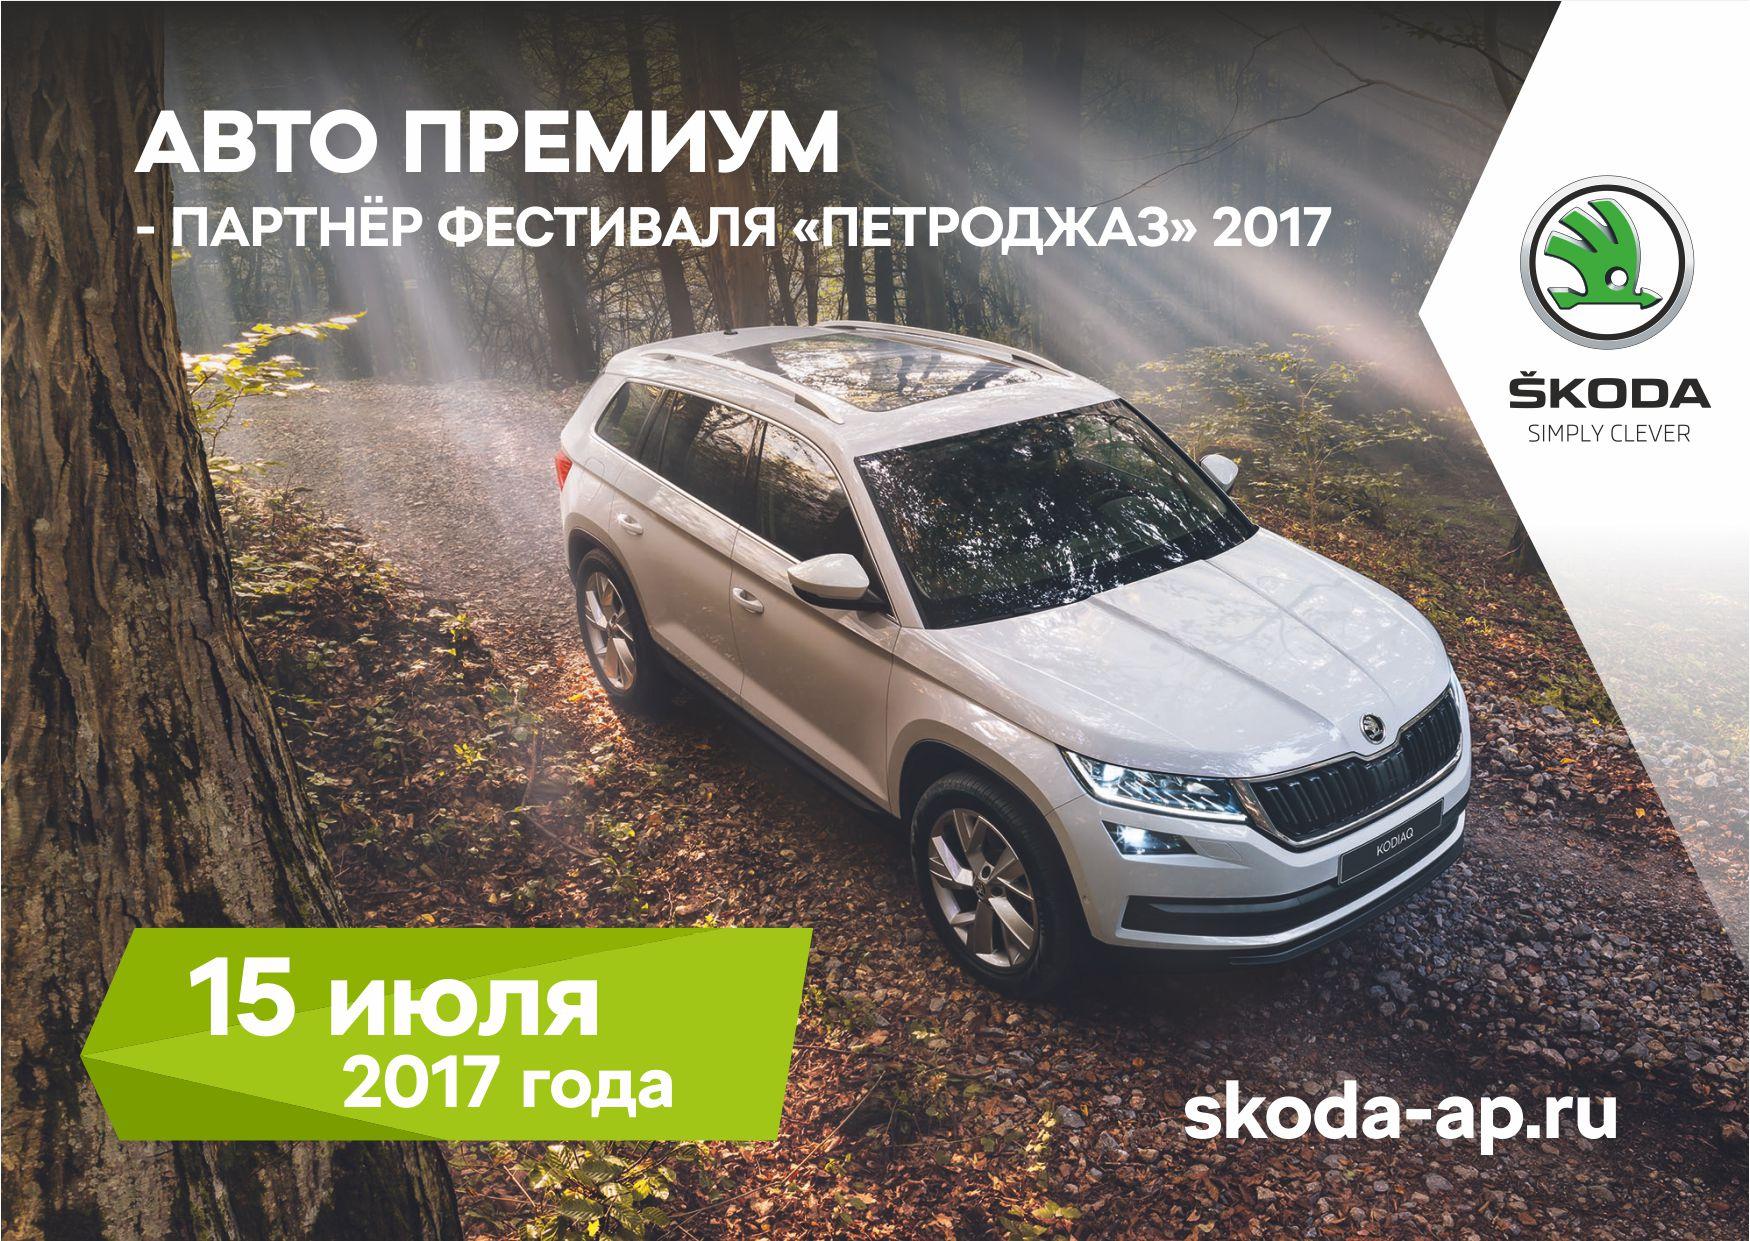 «Петроджаз 2017» и Авто Премиум – движение по дорогам души